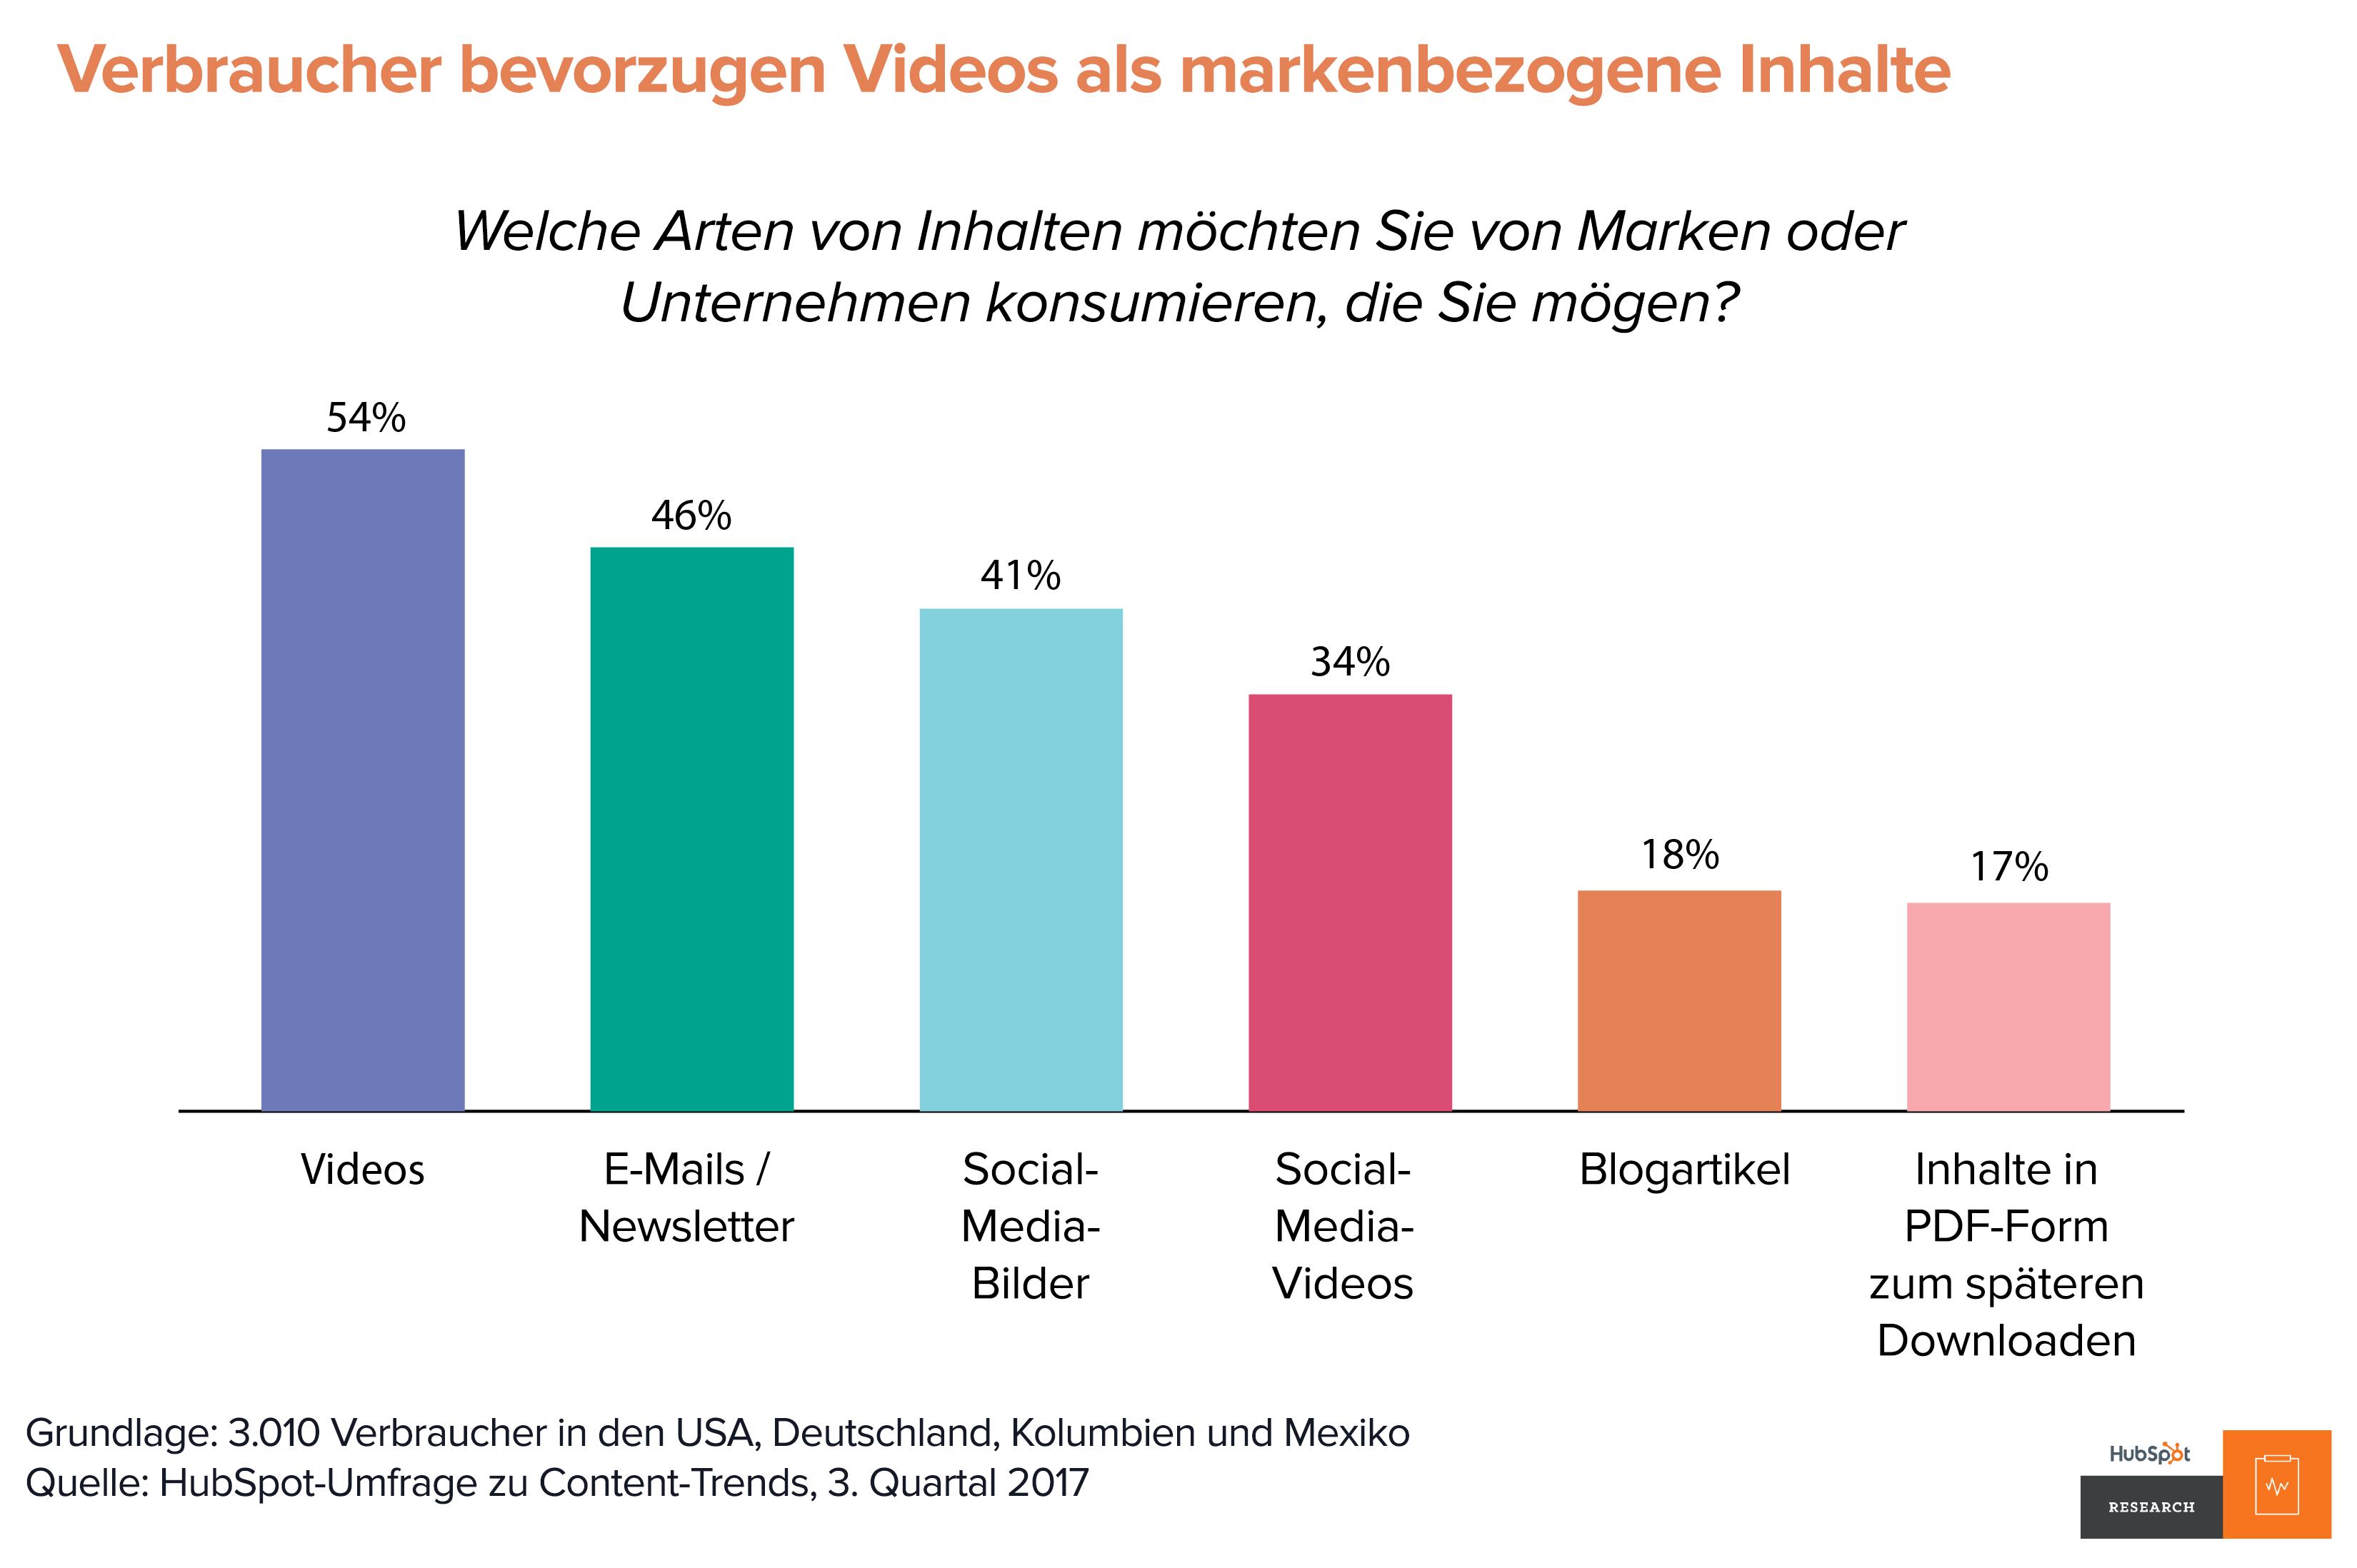 HubSpot Content-Trends – Markenbezogene Inhalte